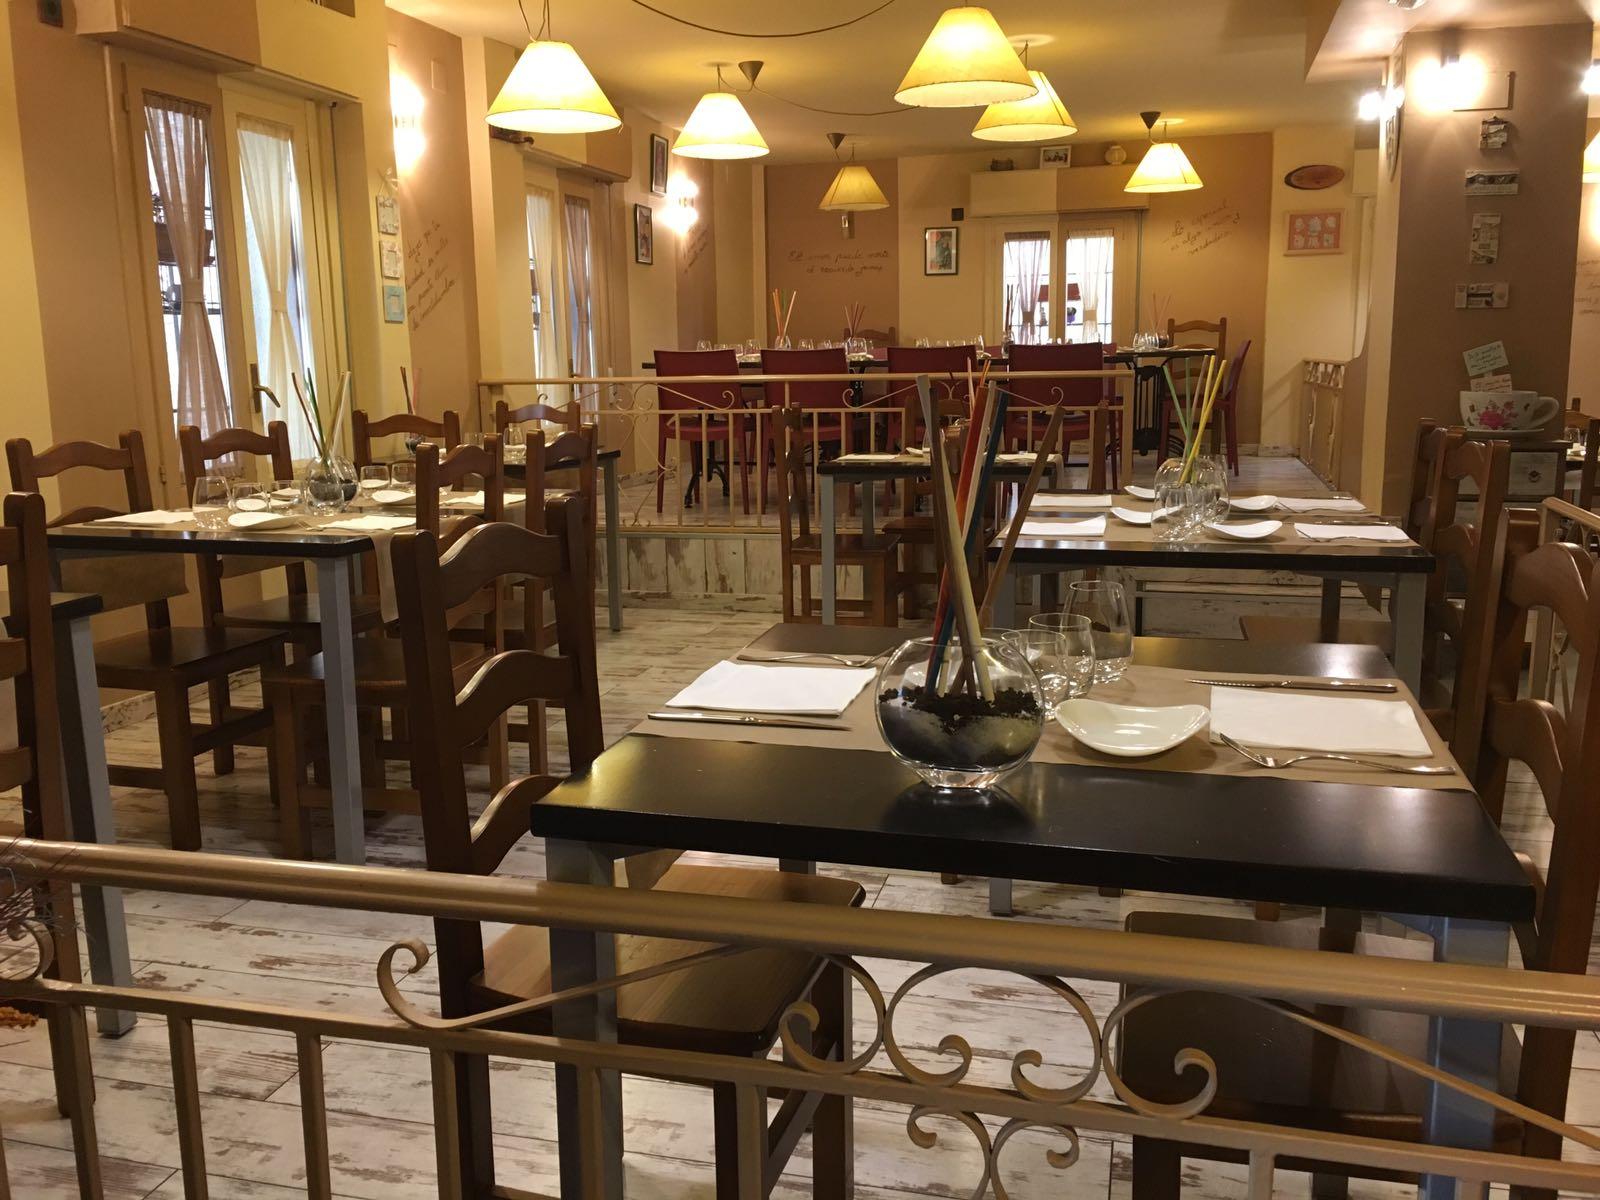 sitios para comer en segovia, los mejores sitios para comer en segovia, segovia, dónde comer en segovia, españa, dónde comer, mejores sitios para comer, lechazo, cochinillo asado, tourism, trip, takemysecrets